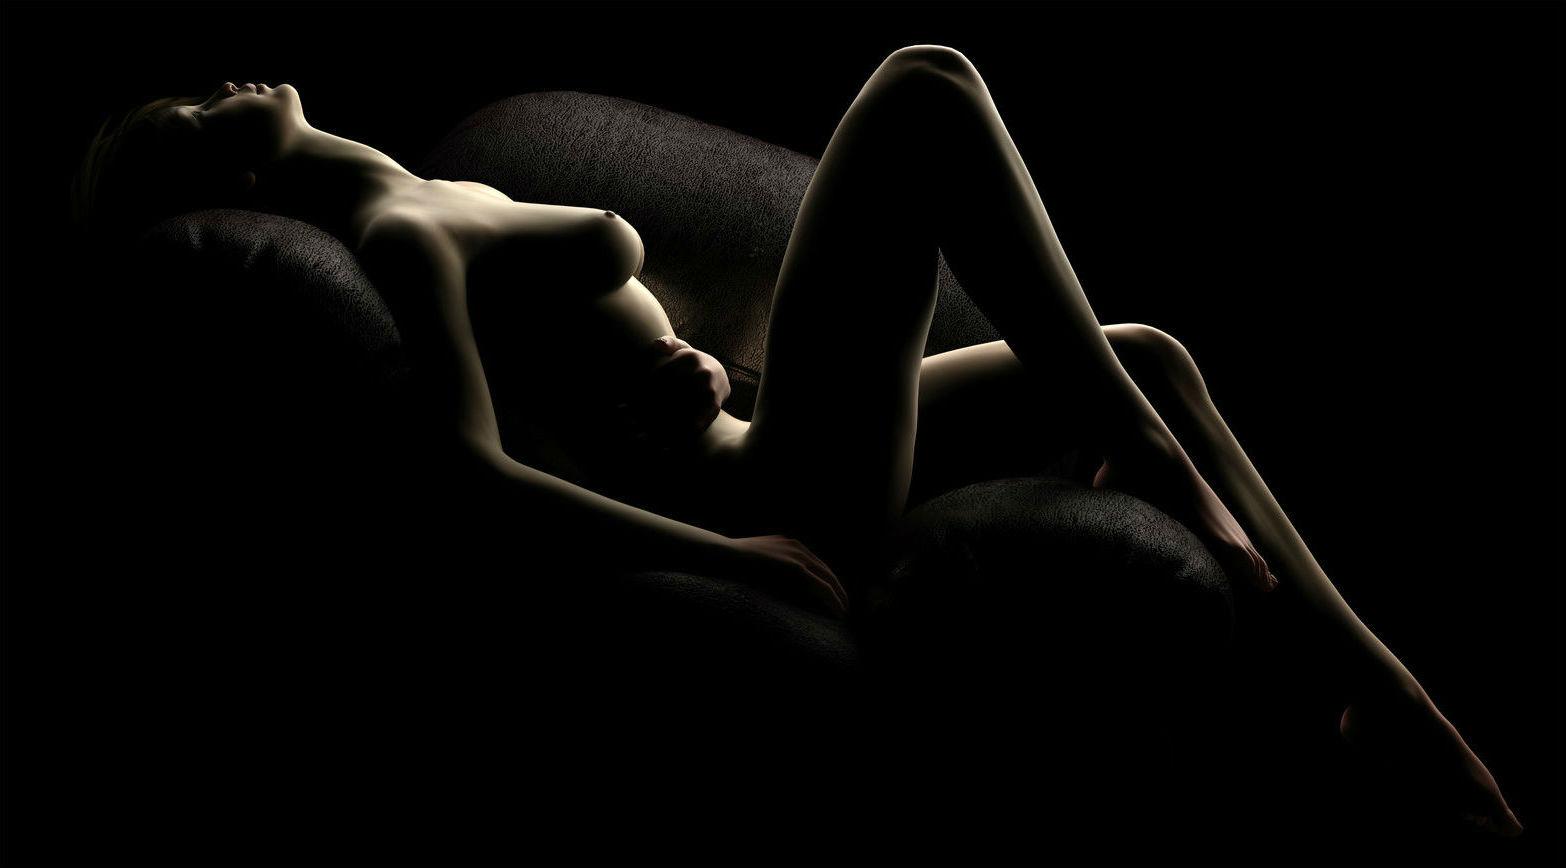 Эротические картинки на черном фоне, писают на природе скрытая камера